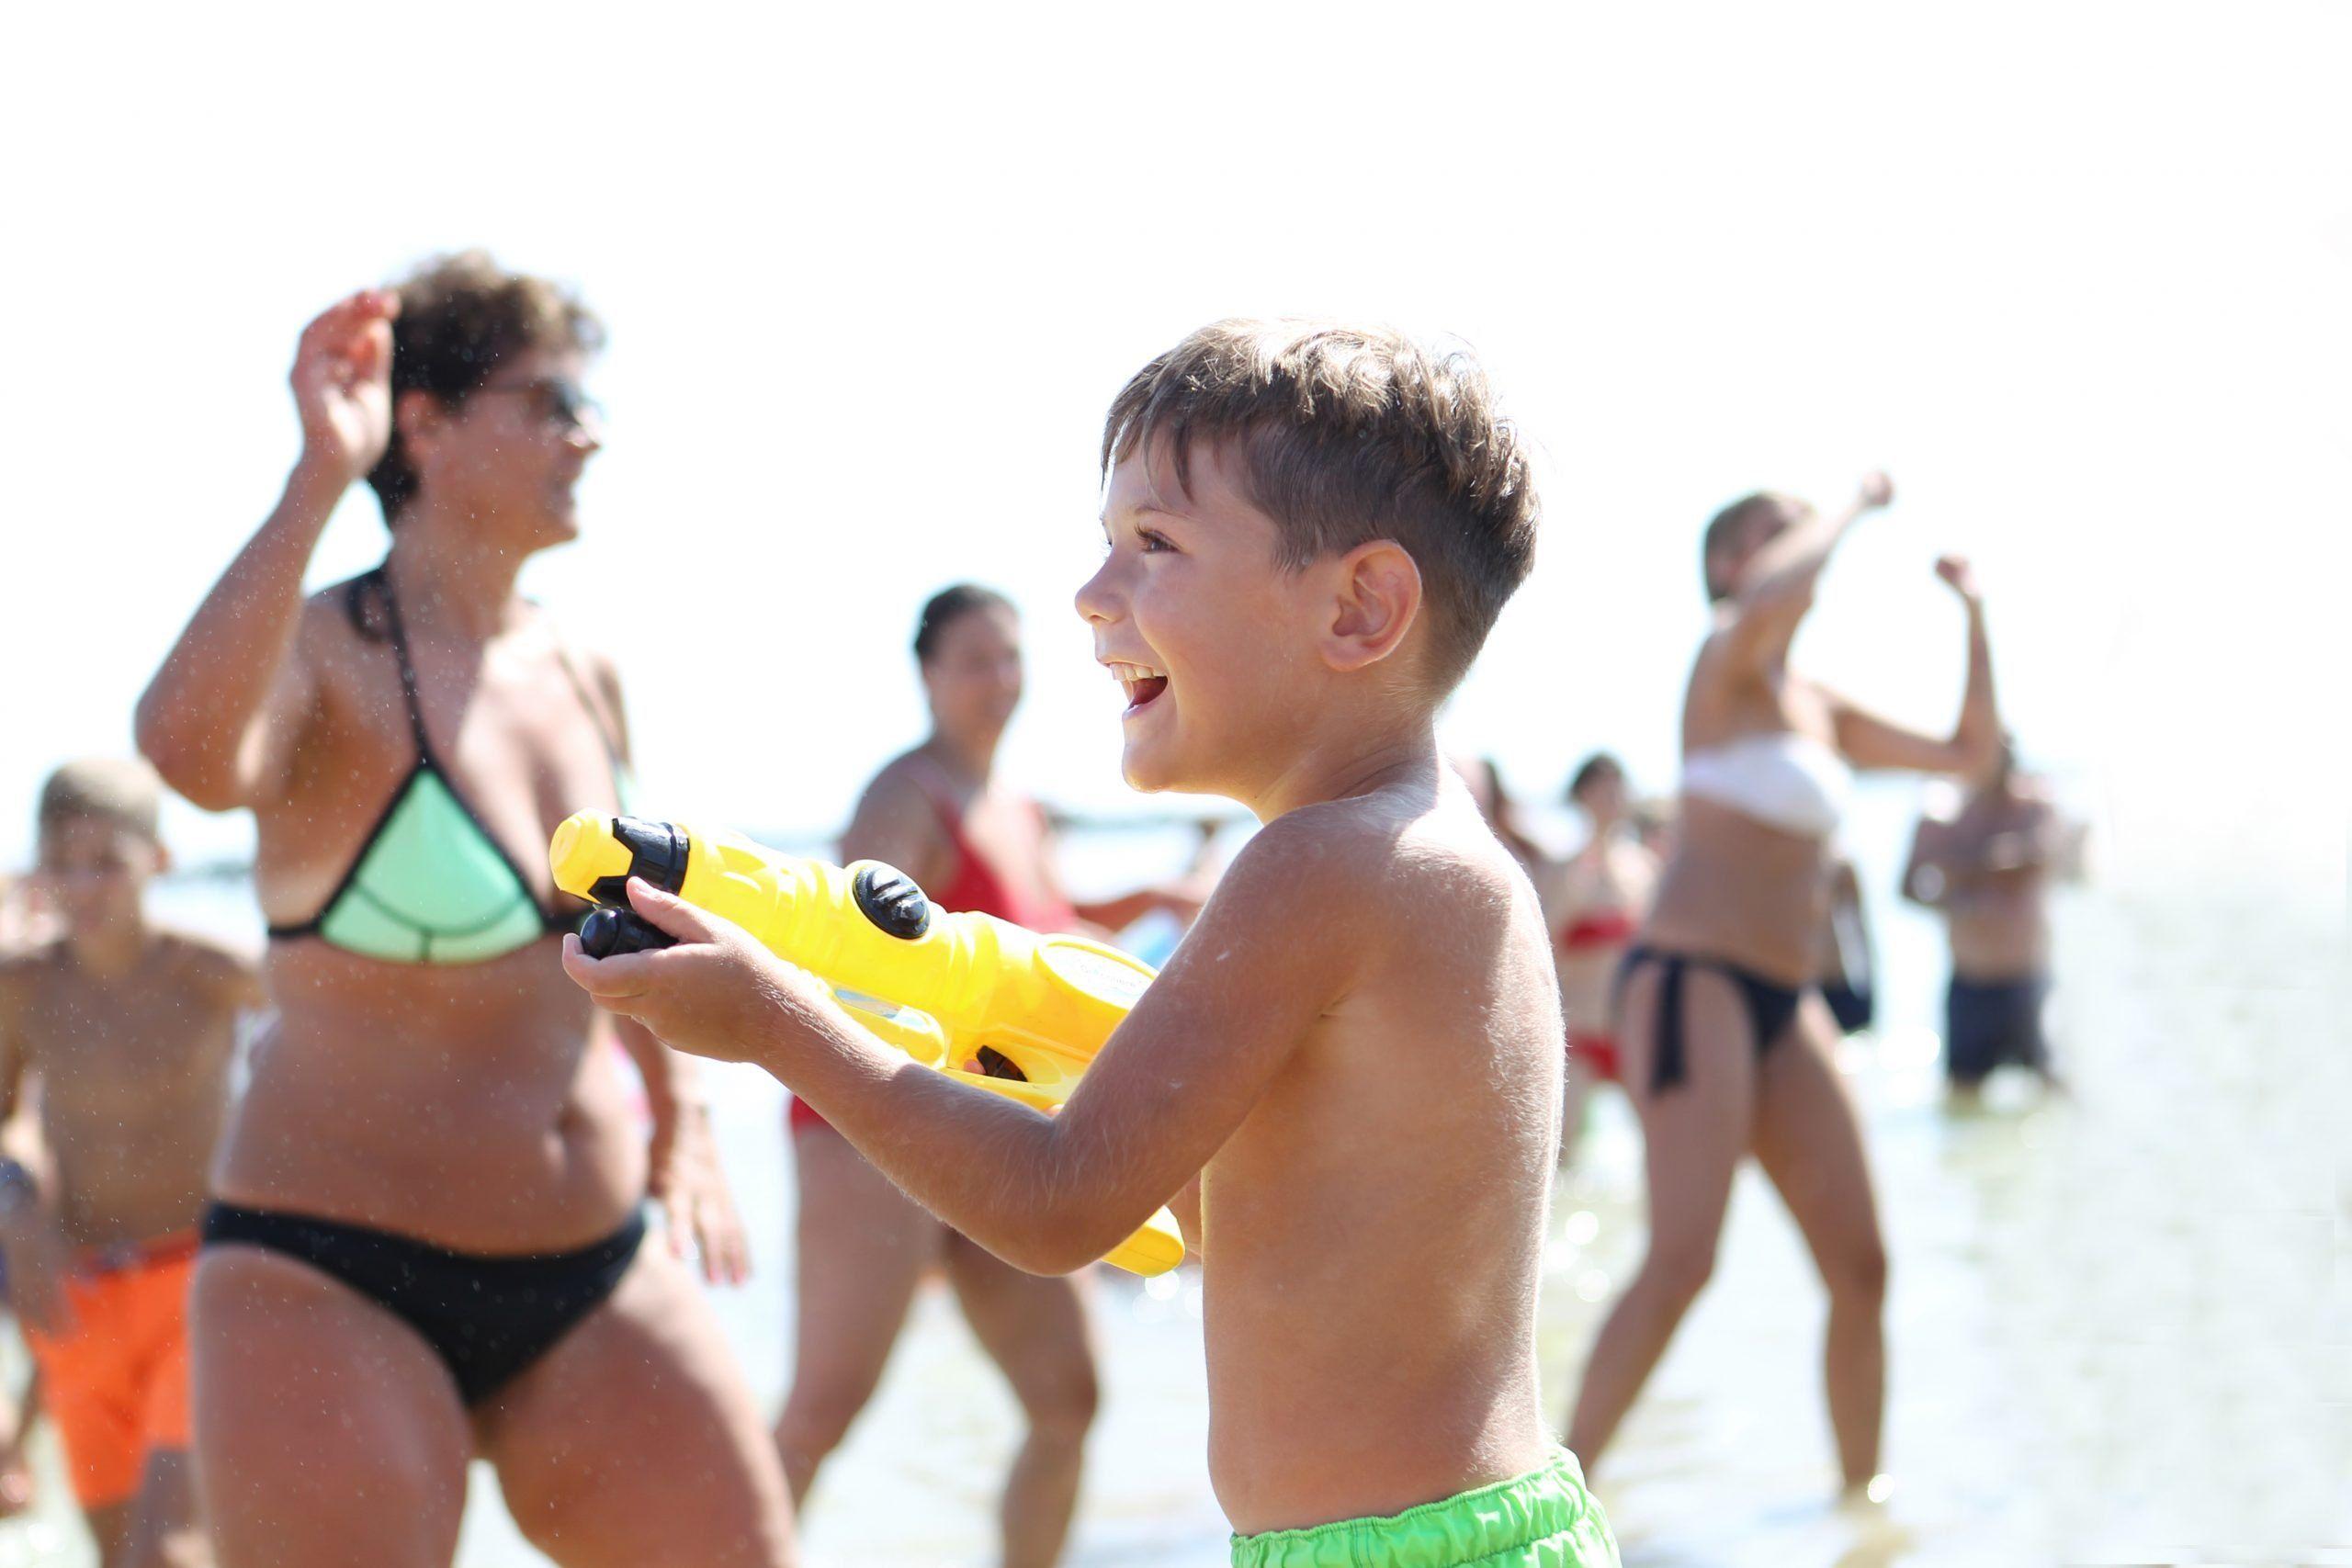 Divertimento in Spiaggia Romagnola